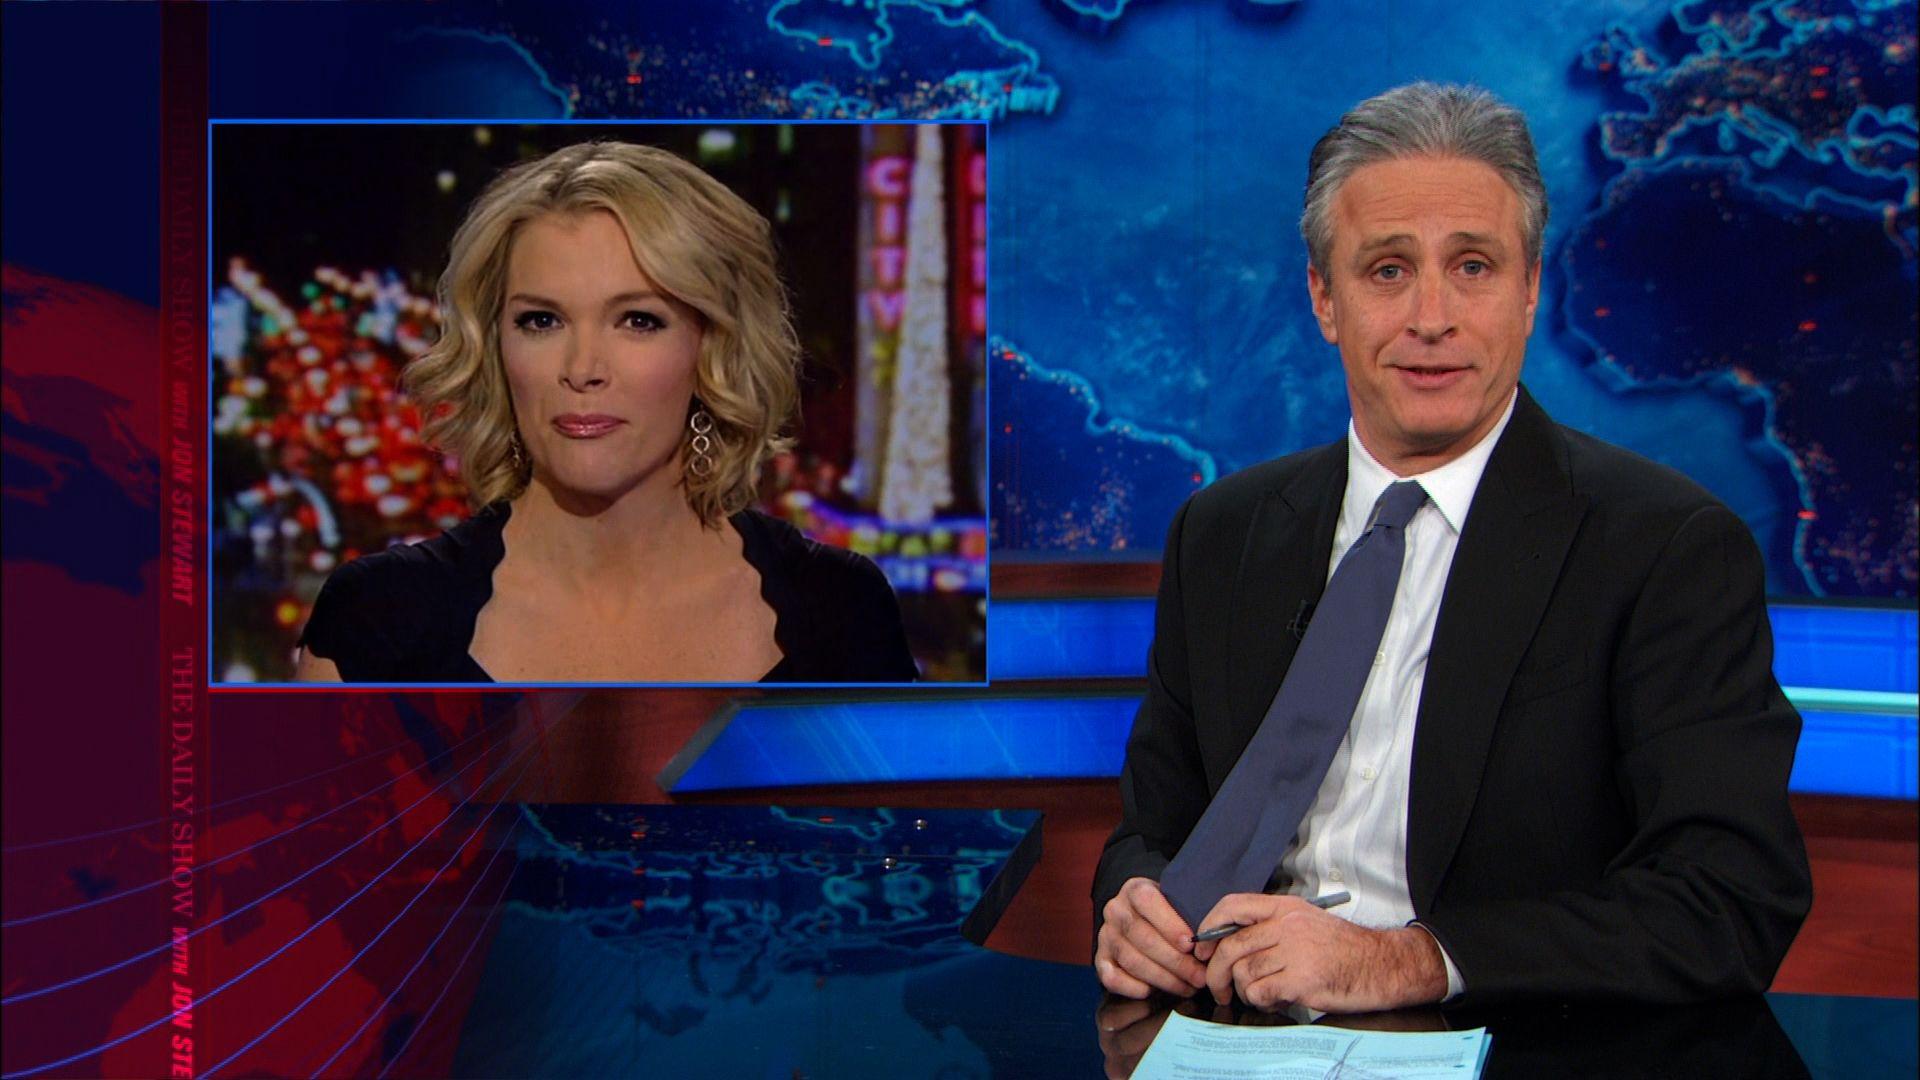 White Santa & Megyn Kelly\'s Apology - The Daily Show with Jon ...